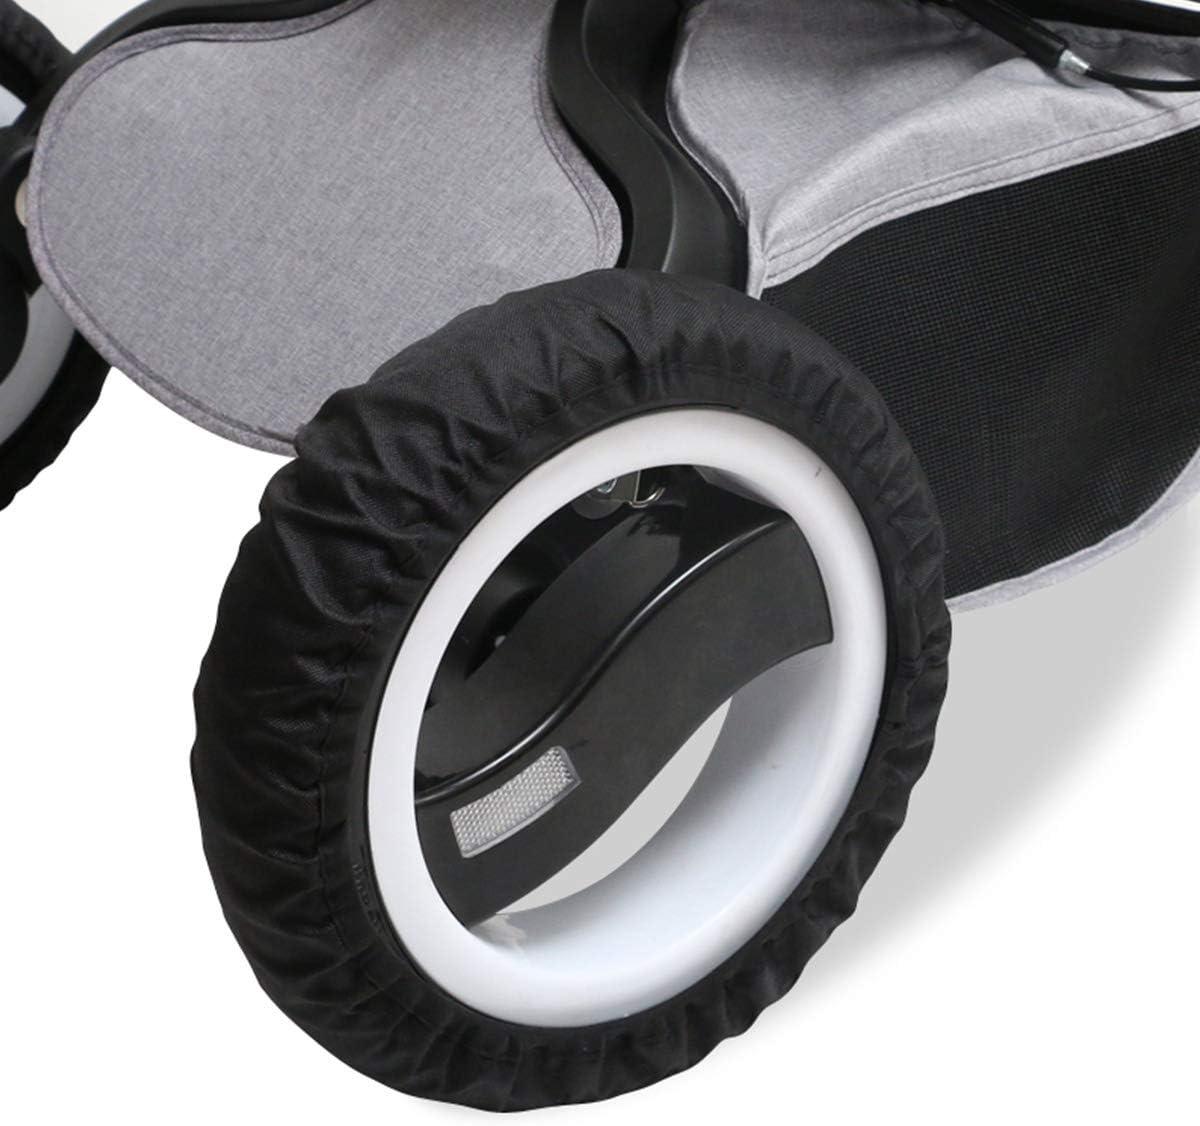 Passeggino Ruote Covers Passeggino Accessori Neonati Auto Carrozzina Copertura Protezione per la Protezione della Ruota Pertaka copriruota Passeggino